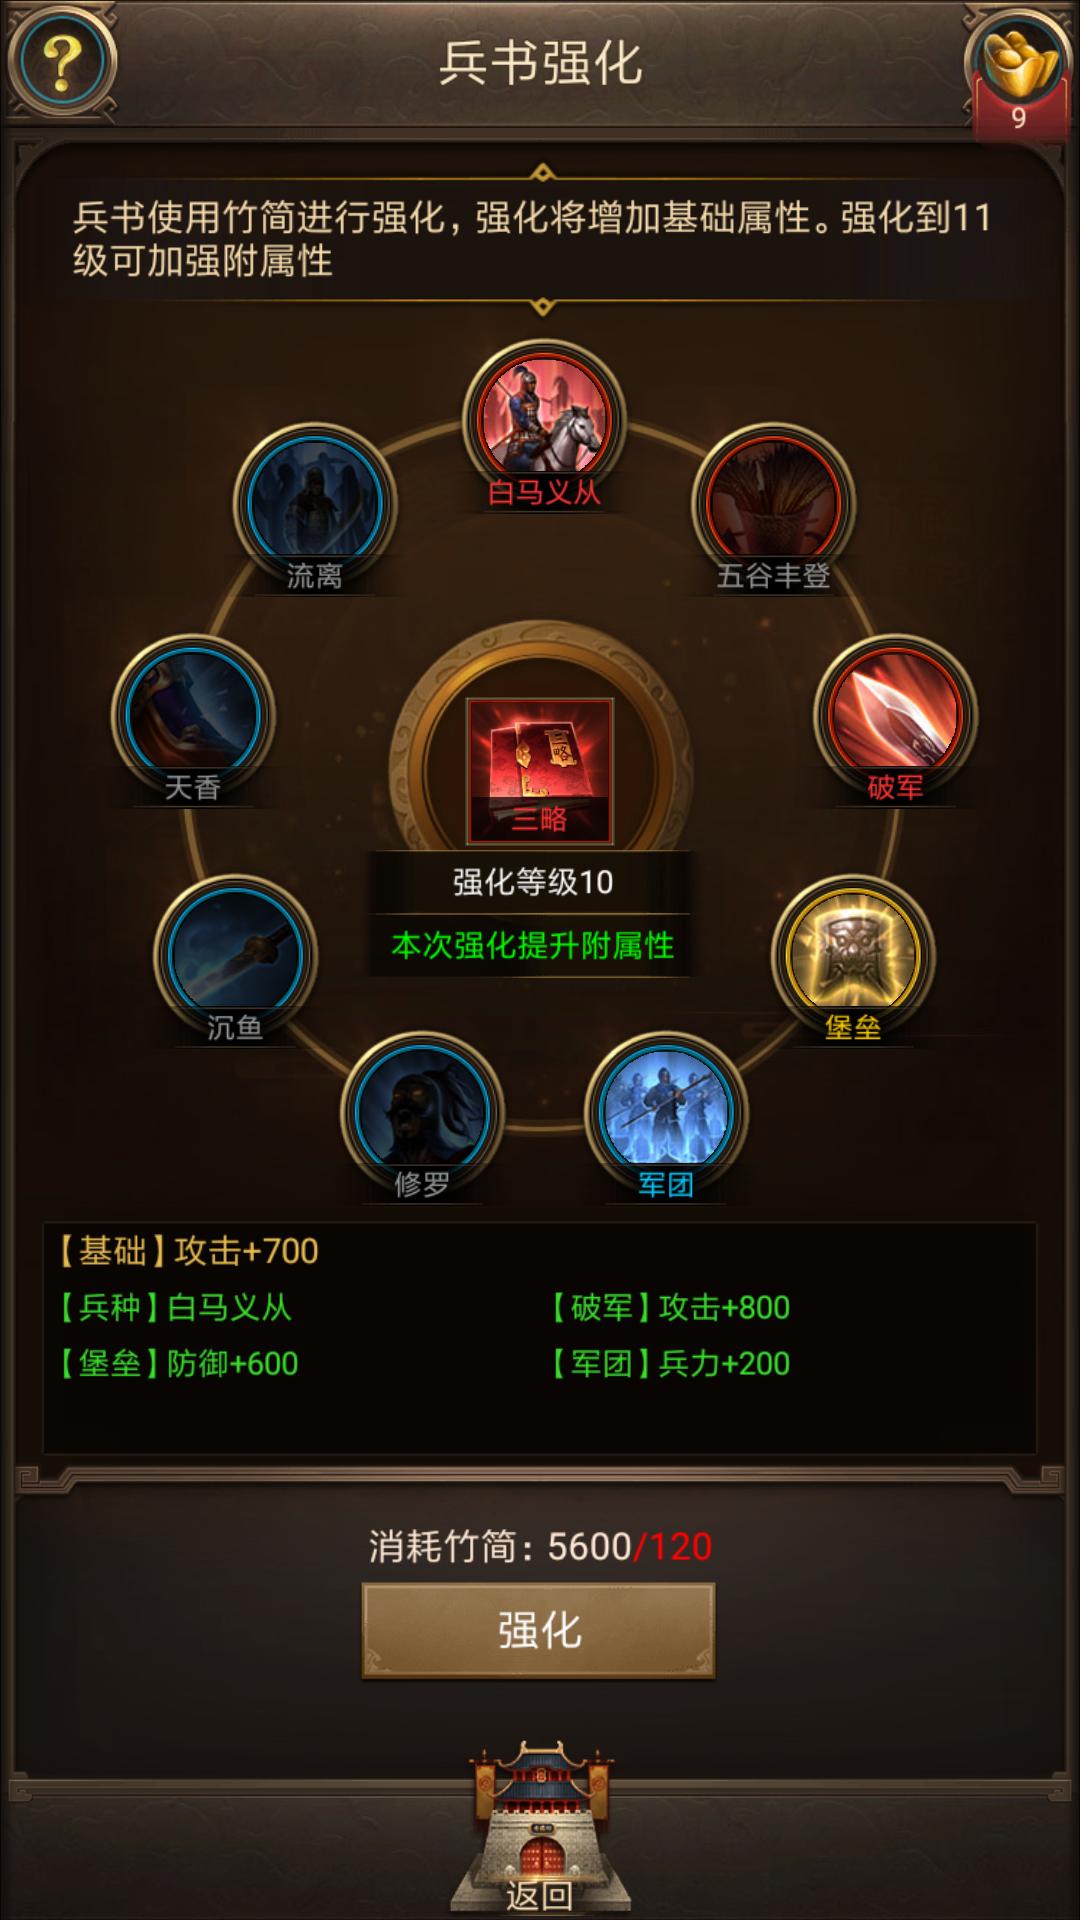 Screenshot_2018-09-26-13-11-31-783_com.tencent.tmgp.sgdjl.canli.png